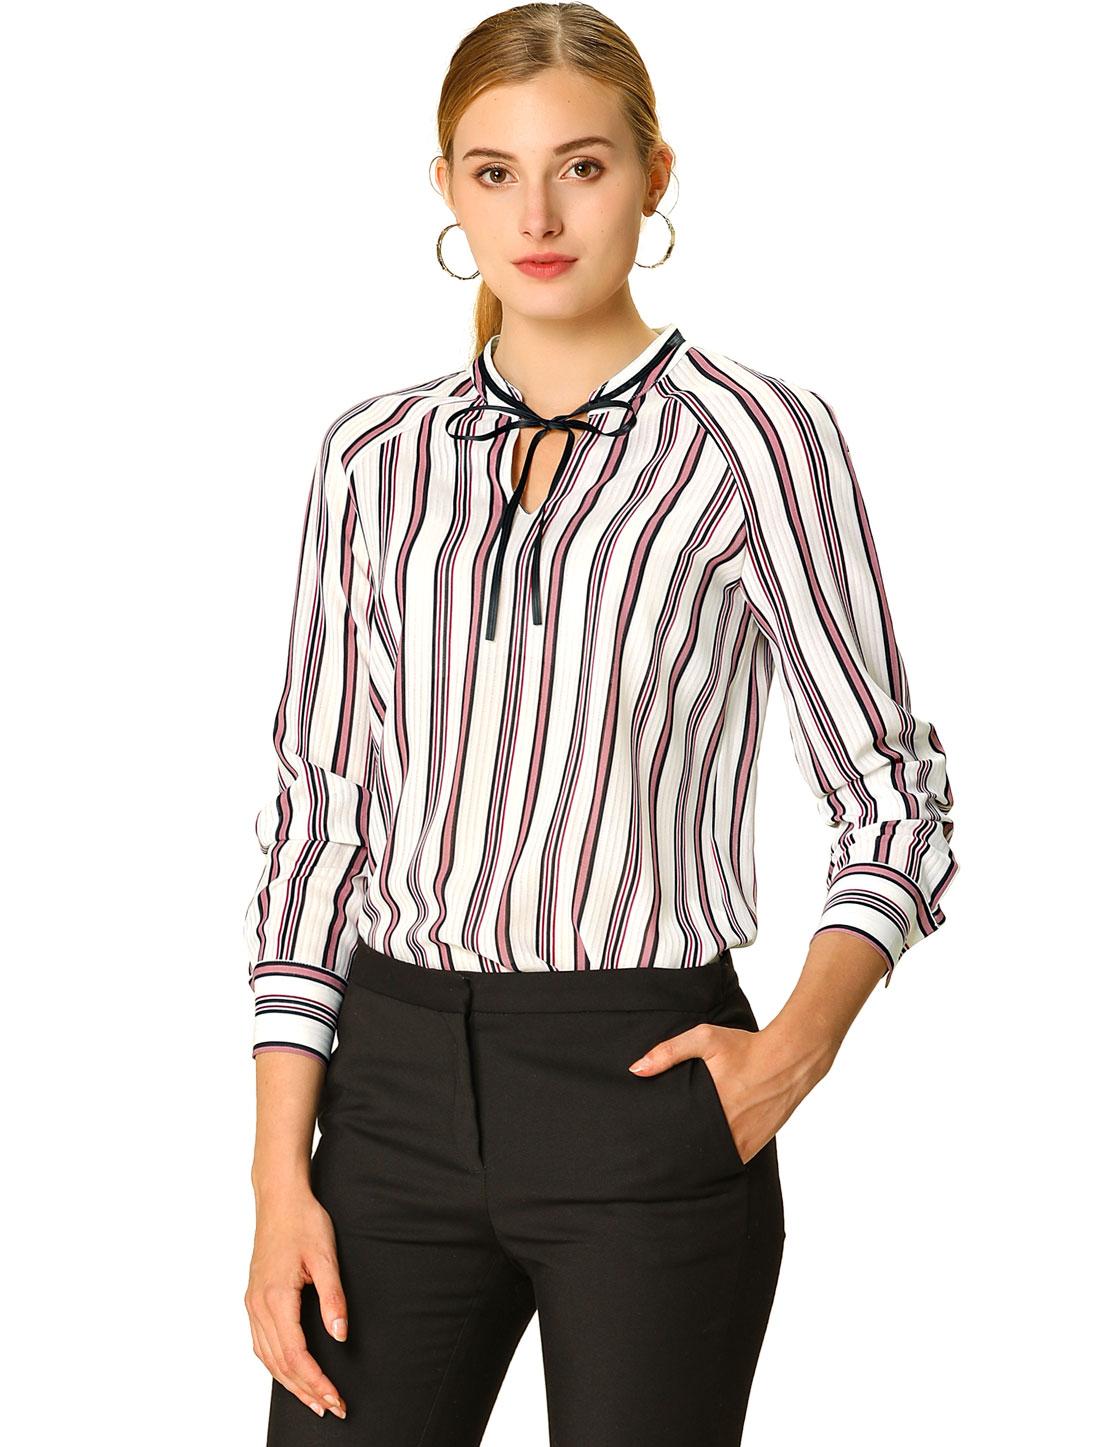 Allegra K Women's Office Blouse Long Sleeve Tie Striped Shirt Pink XL